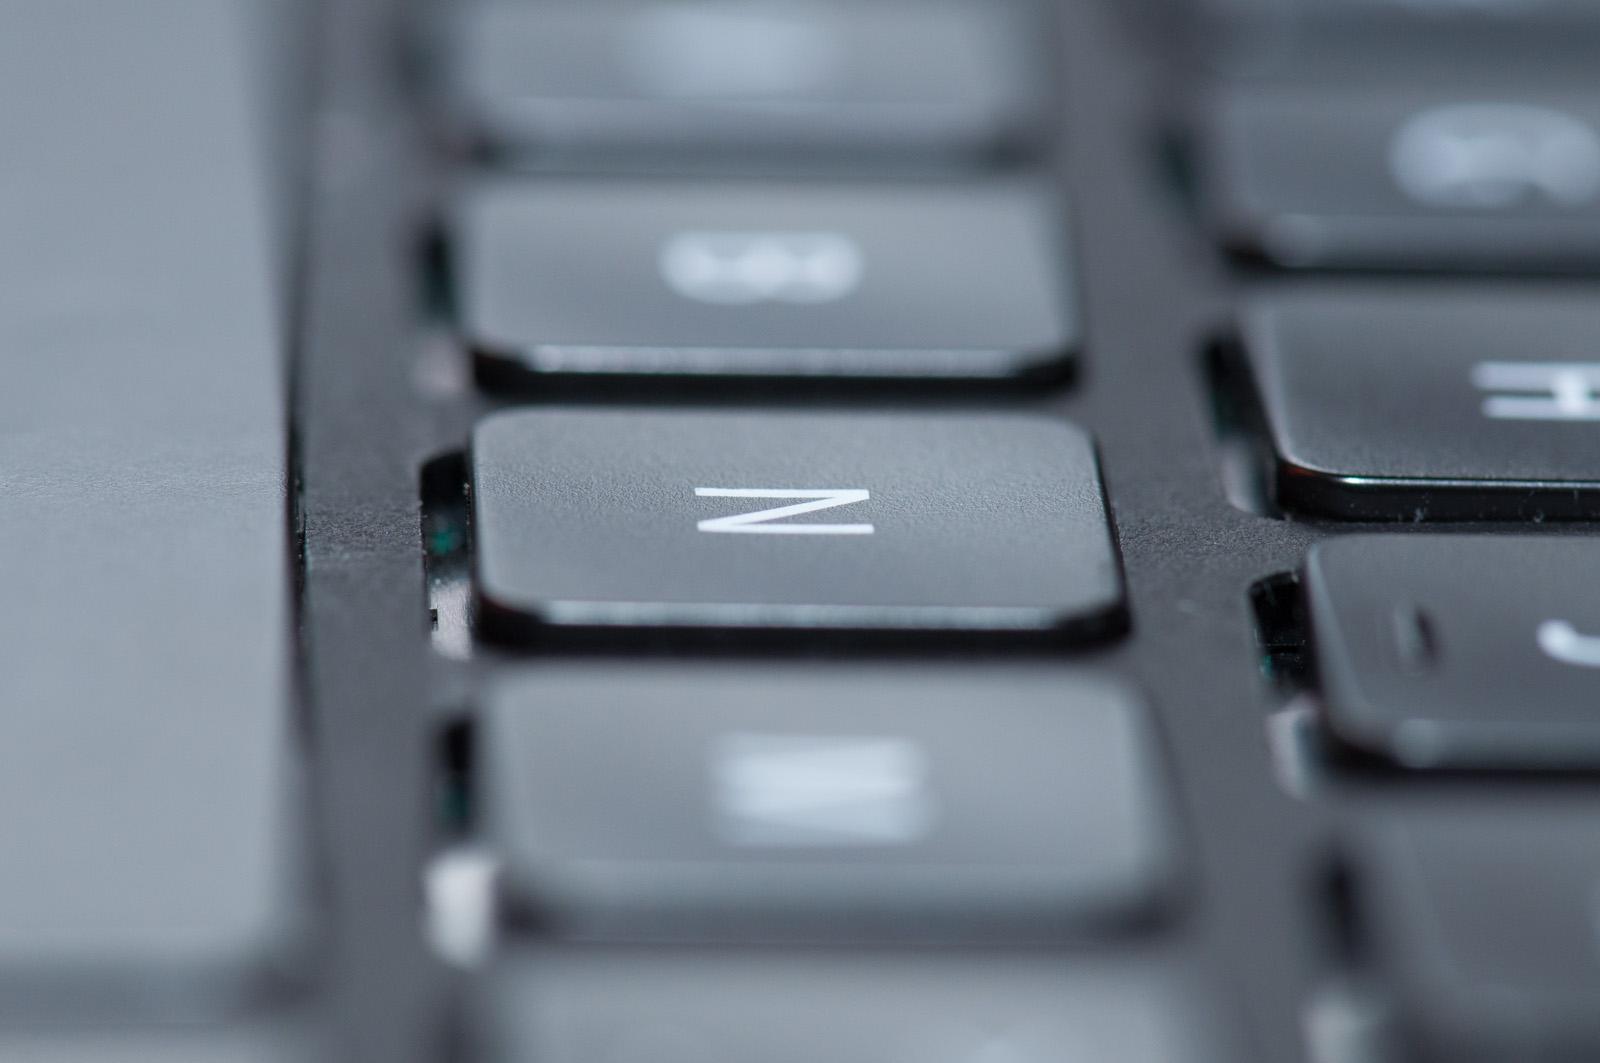 Synaptics Thintouch ausprobiert: Tastatur mit sich wegduckenden Tasten - Normalerweise bewegen sich Tasten auf und ab. (Foto: Andreas Sebayang/Golem.de)